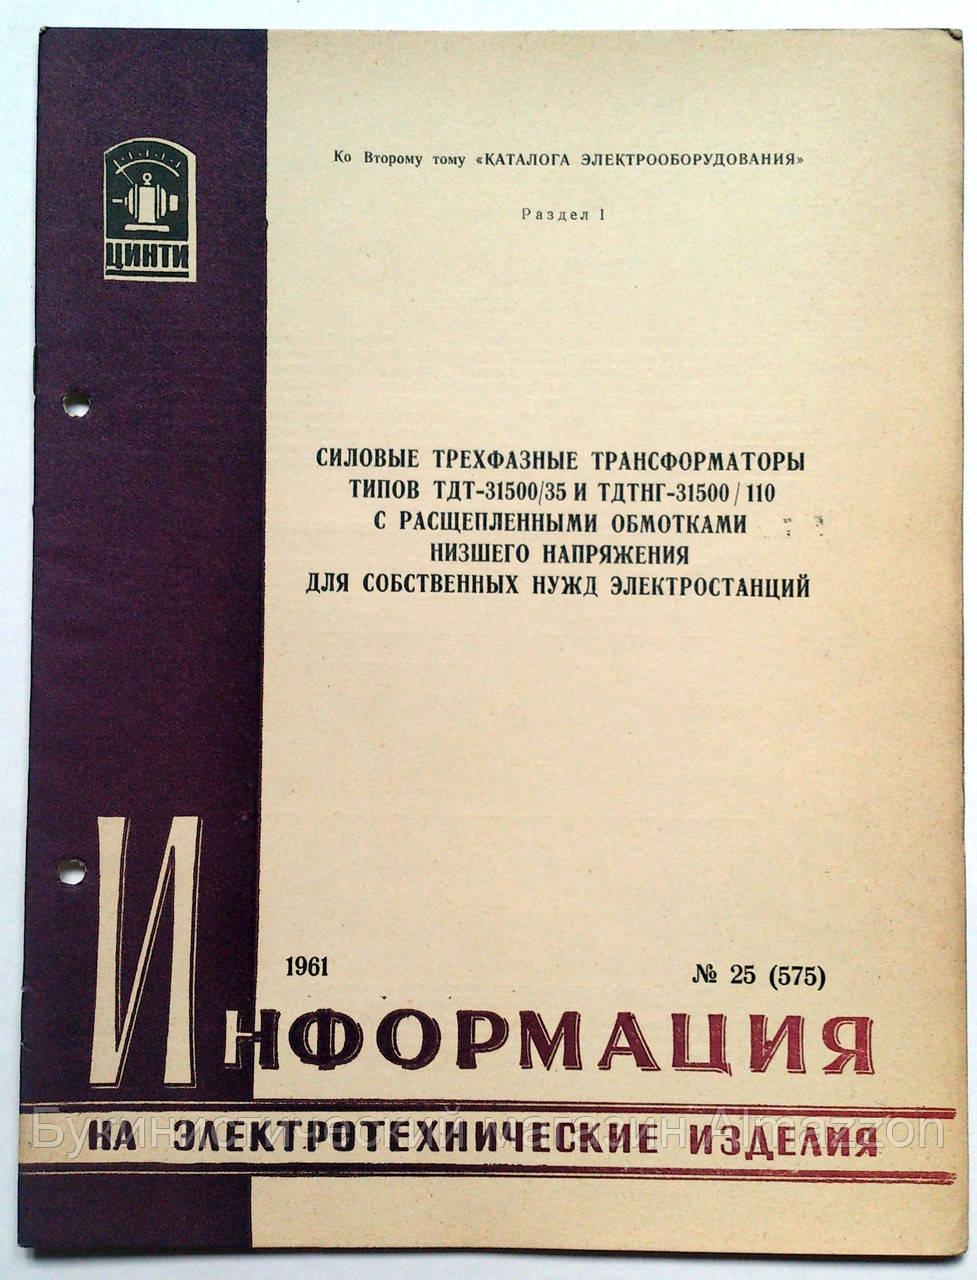 """Журнал (бюллетень) """"Силовые трехфазные трансформаторы типов ТДТ-31500/35 и ТНТДГ-31500/110/ 1961 год"""